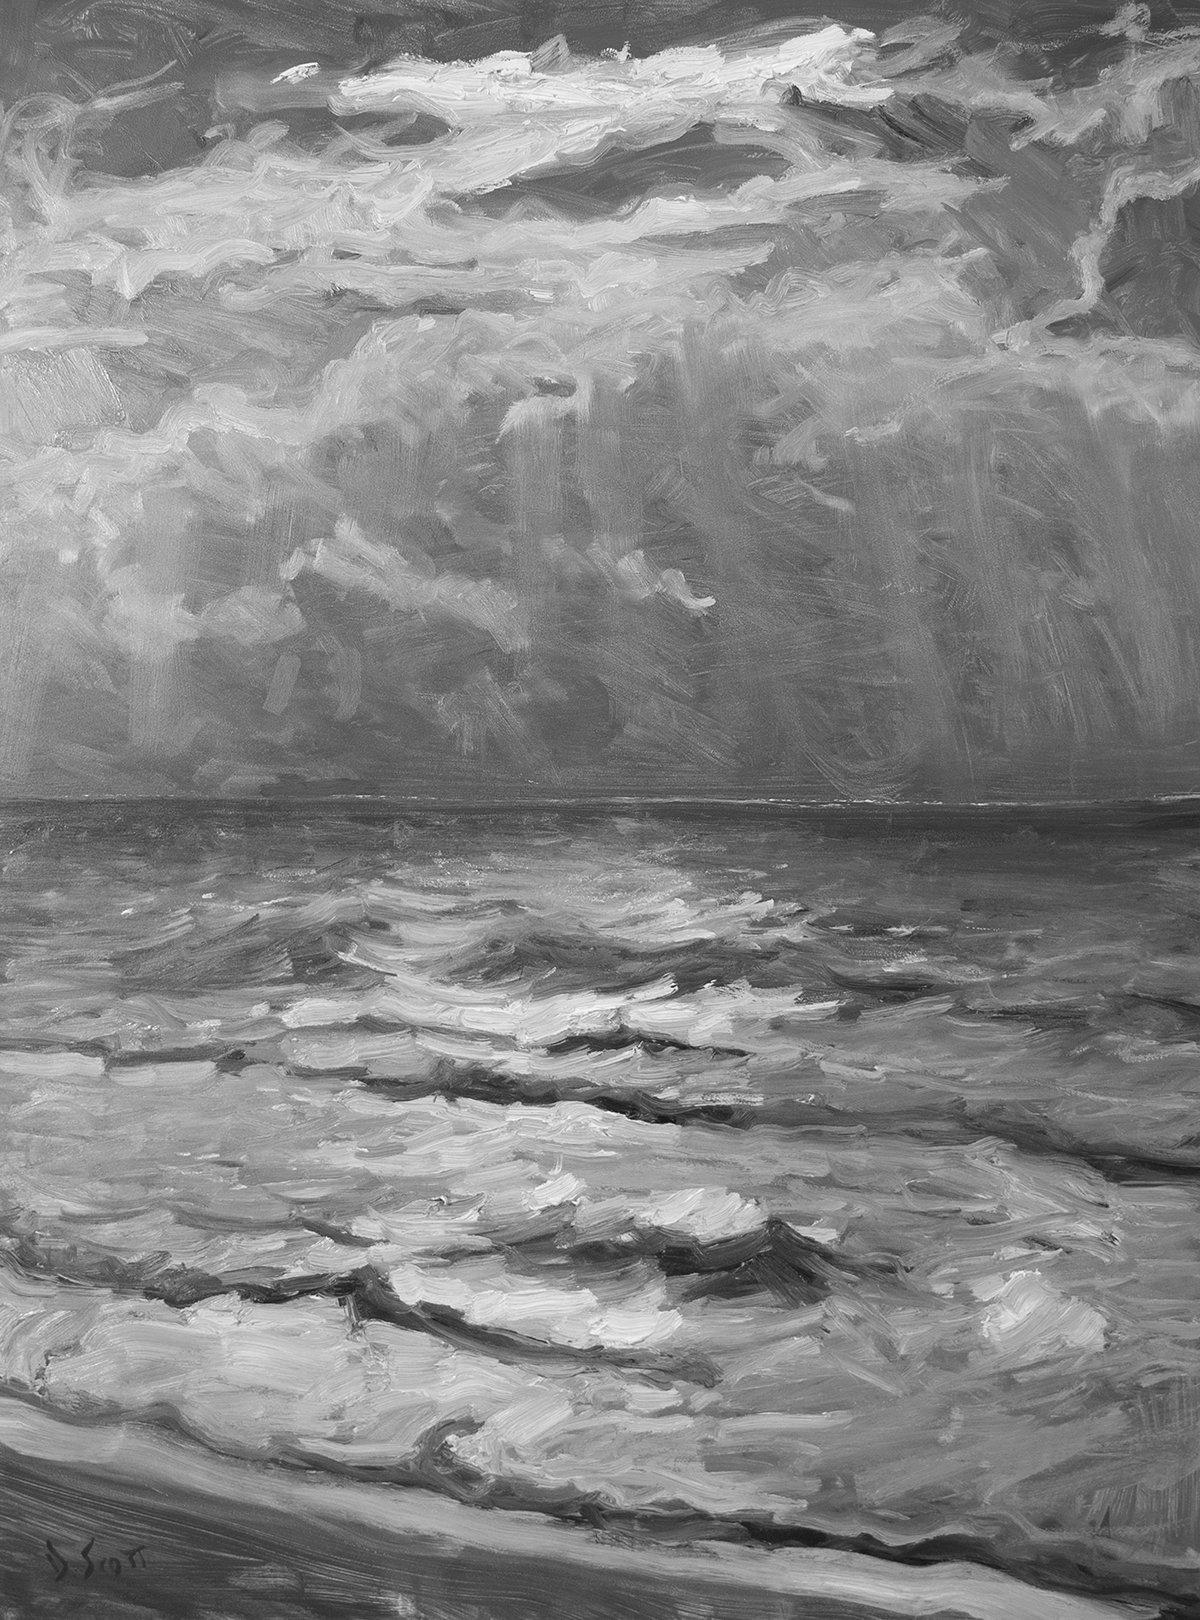 Dan Scott, Sunrise, Bribie Island, 2021 Grayscale